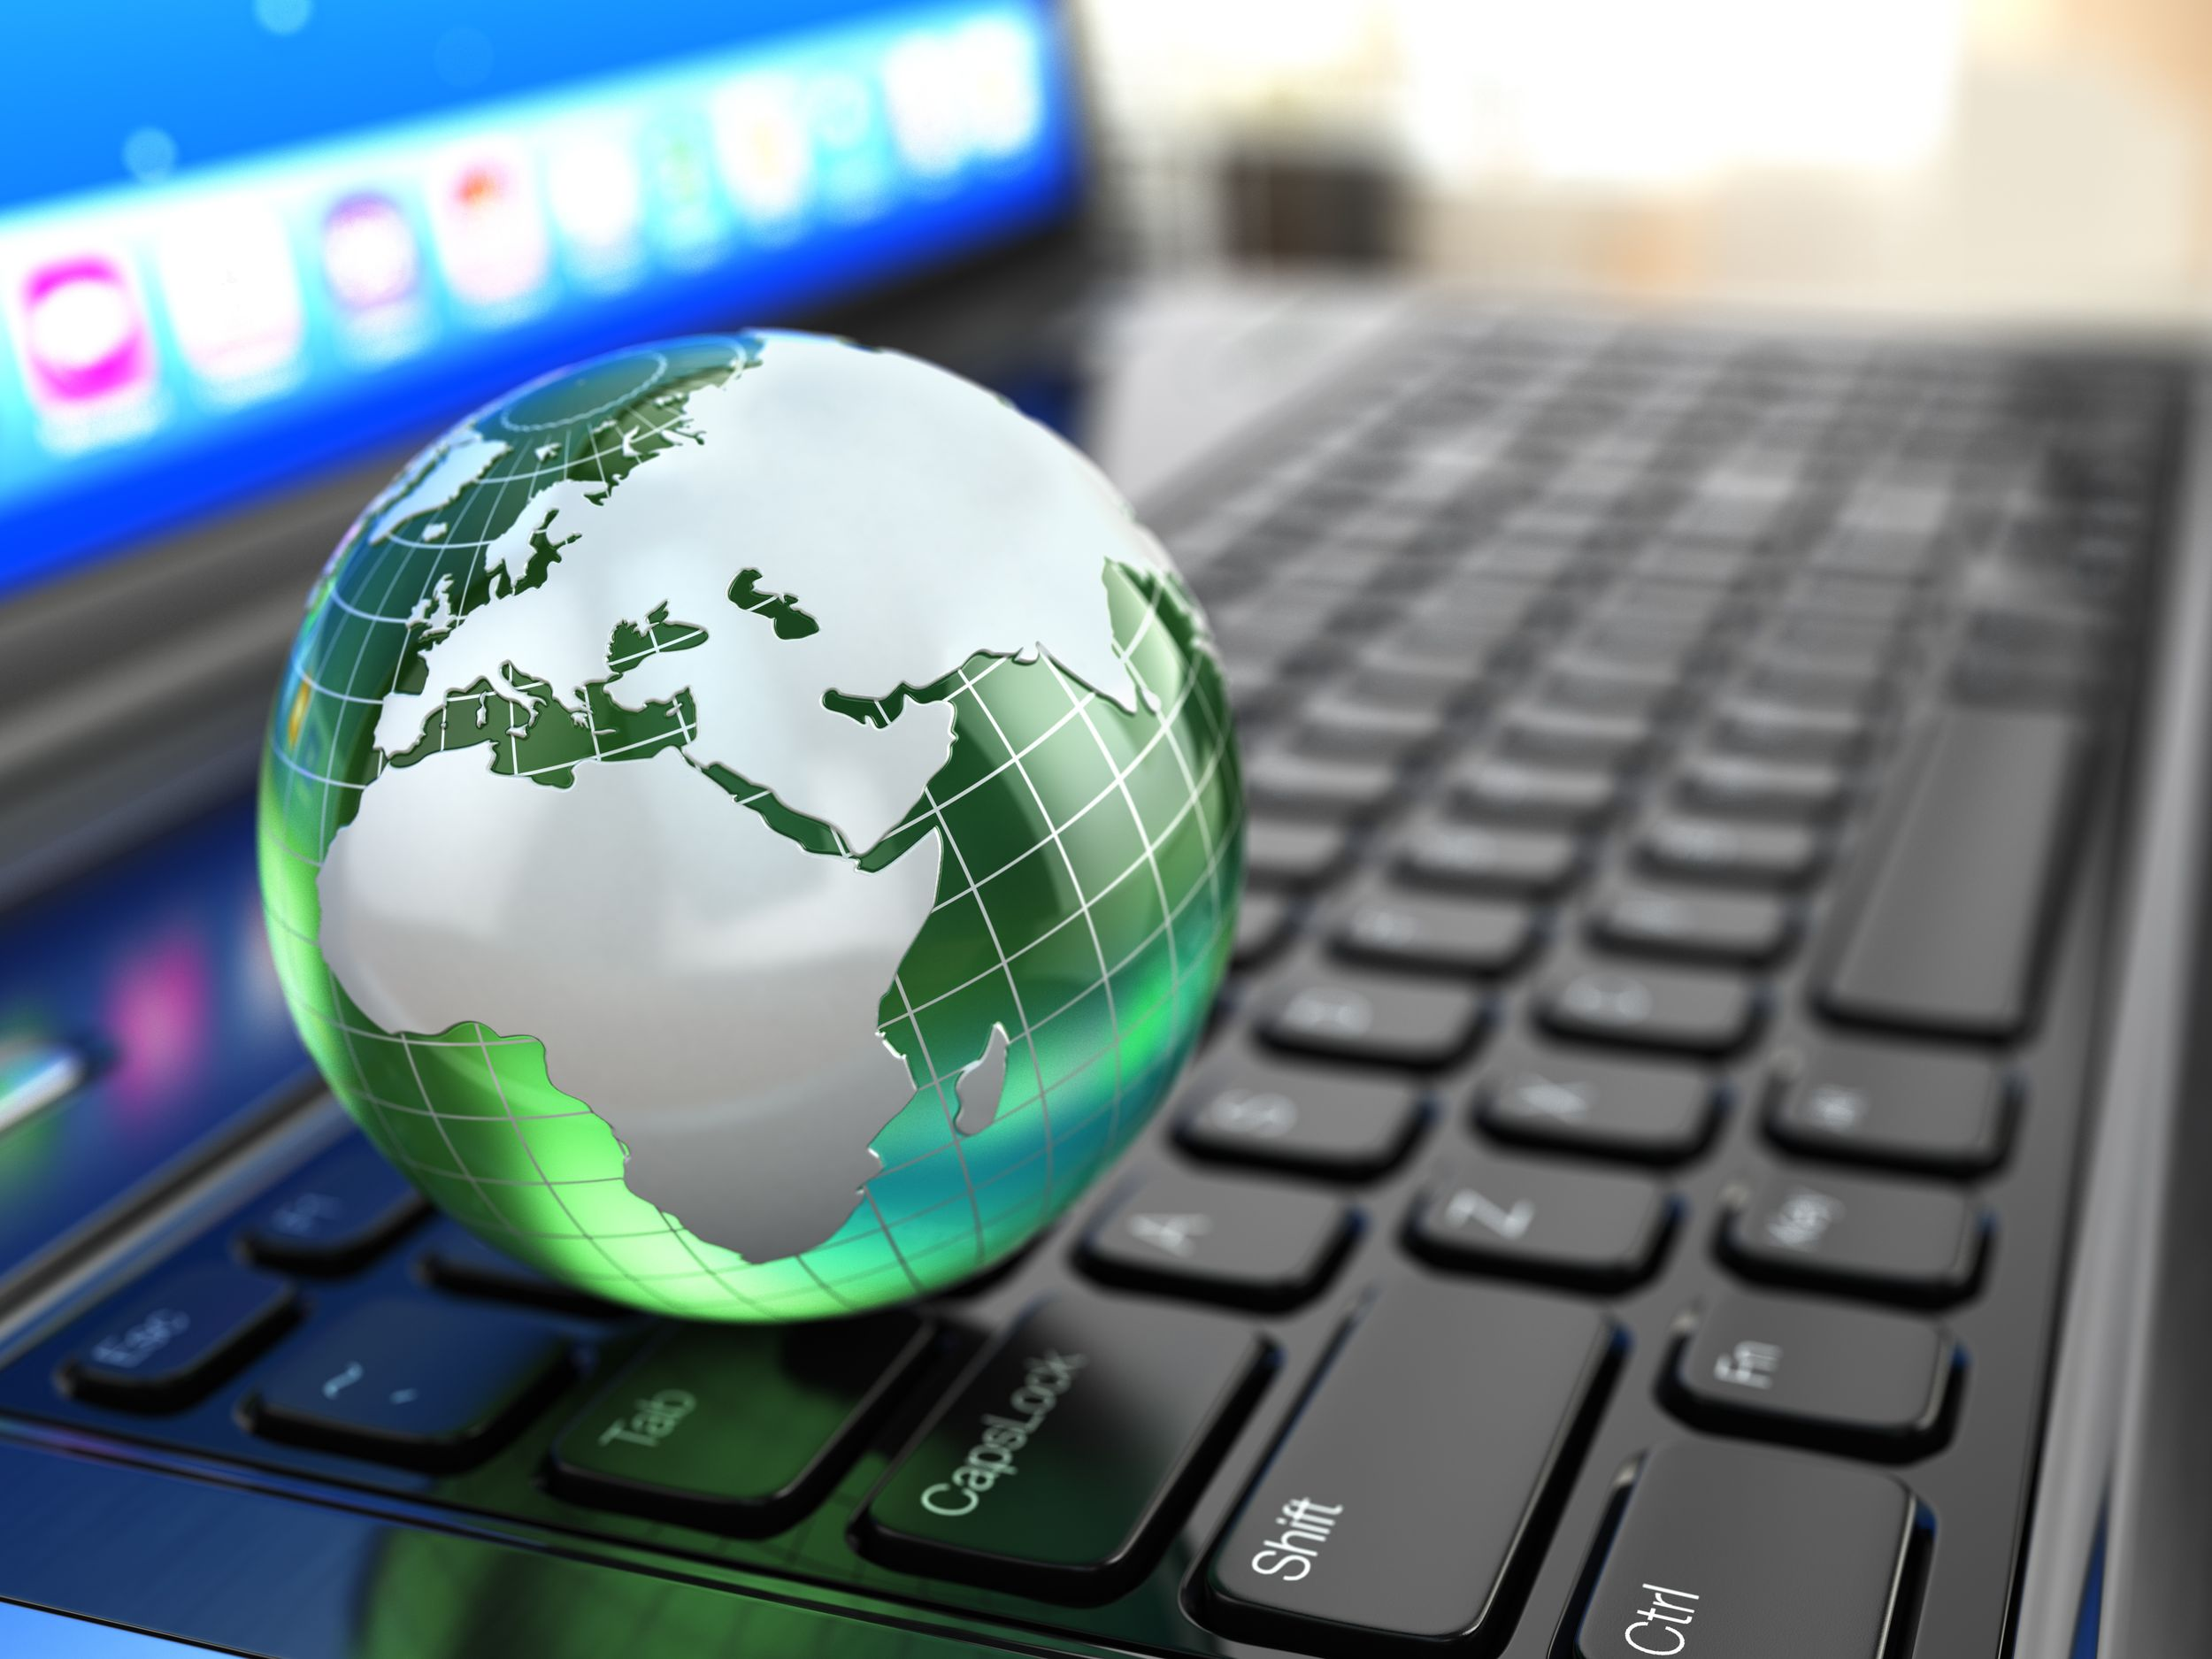 Svetová komunikácia. Zemegula na klávesnici laptopu.